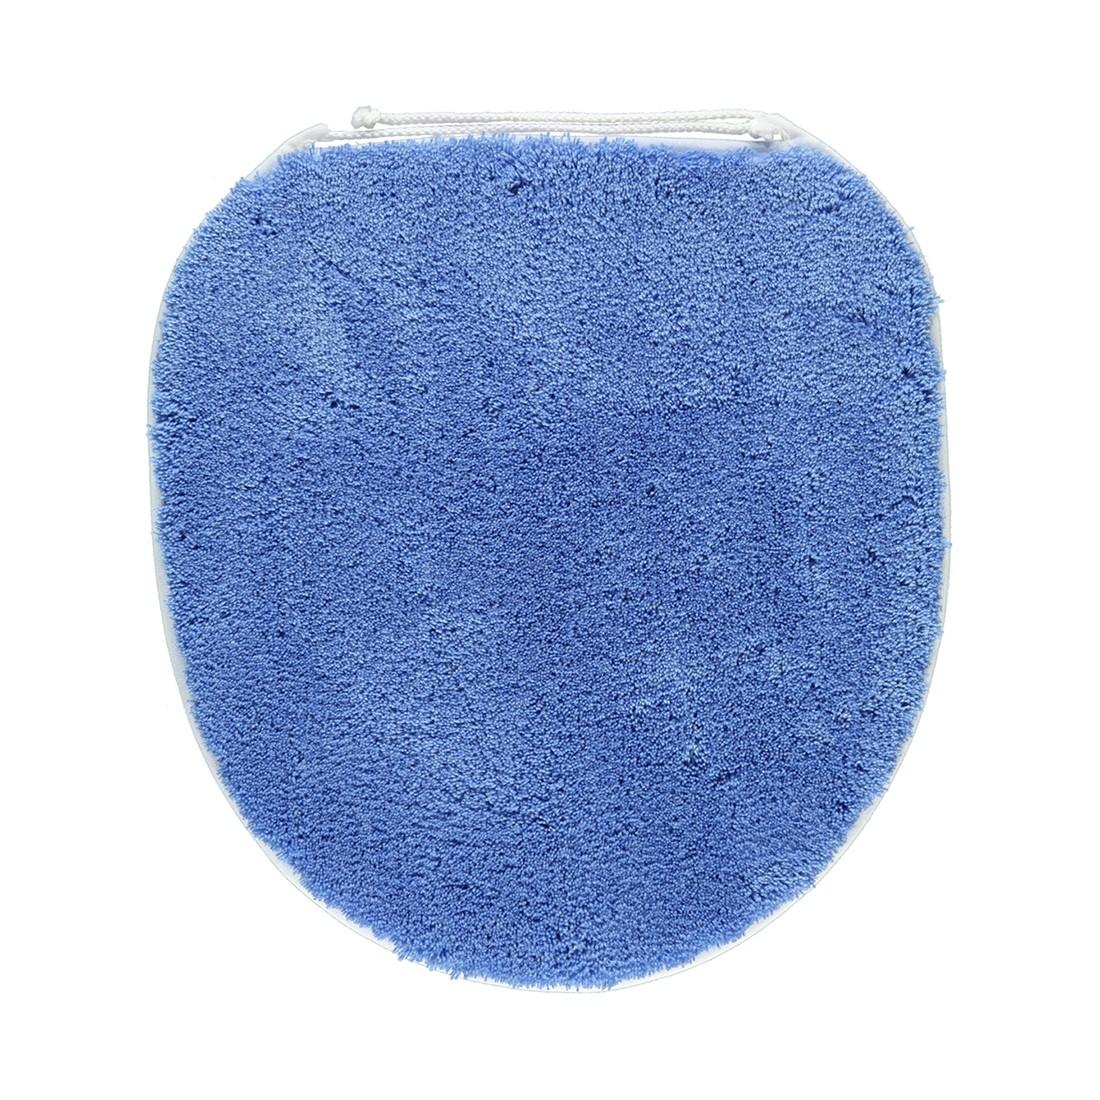 Deckelbezug Soft – 100% Polyacryl Himmelblau – 791, Kleine Wolke jetzt bestellen